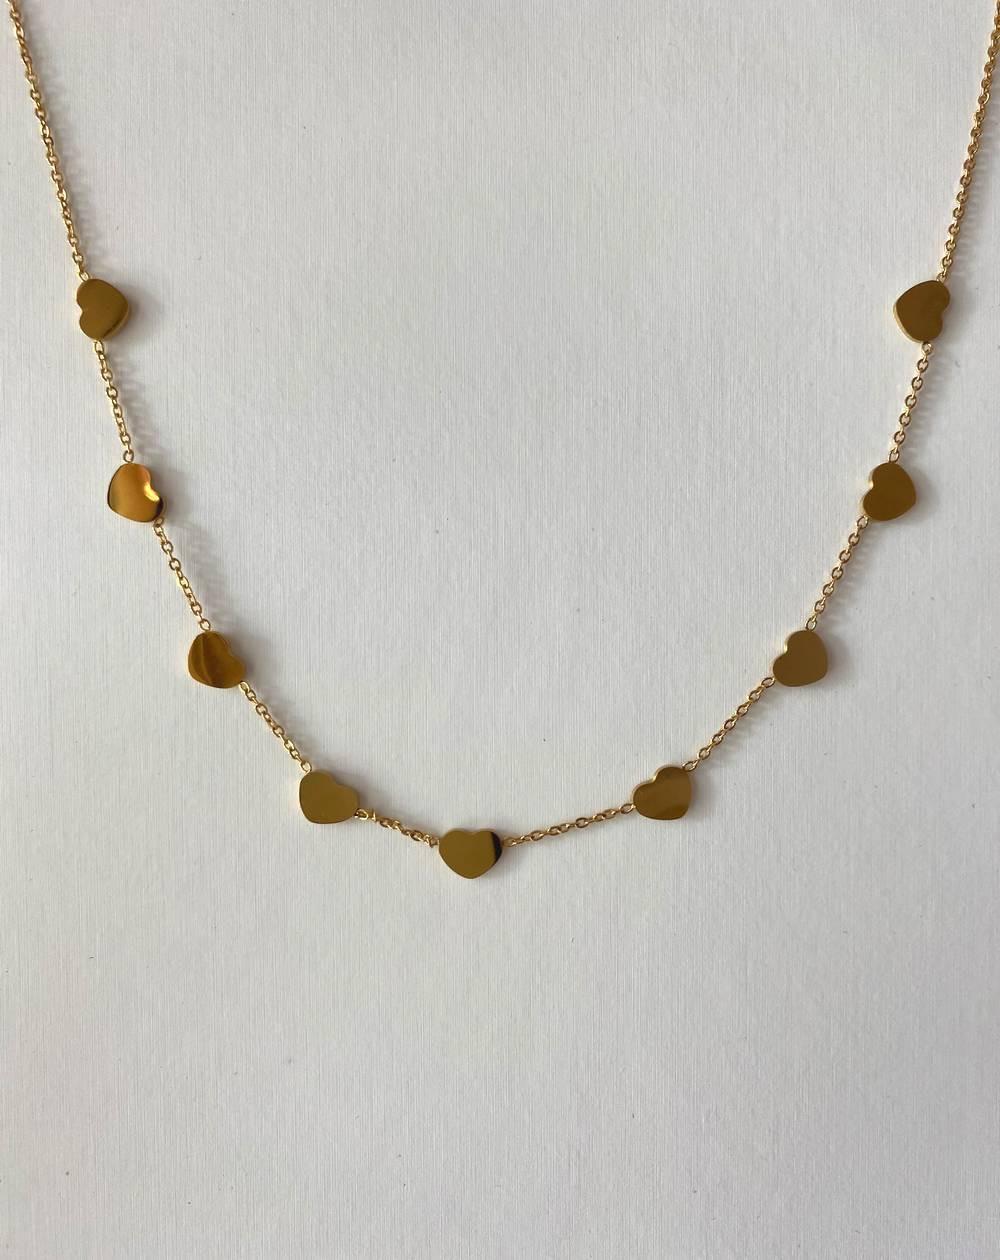 Collier médaillons coeur dorés en acier inoxydable et hypoallergénique